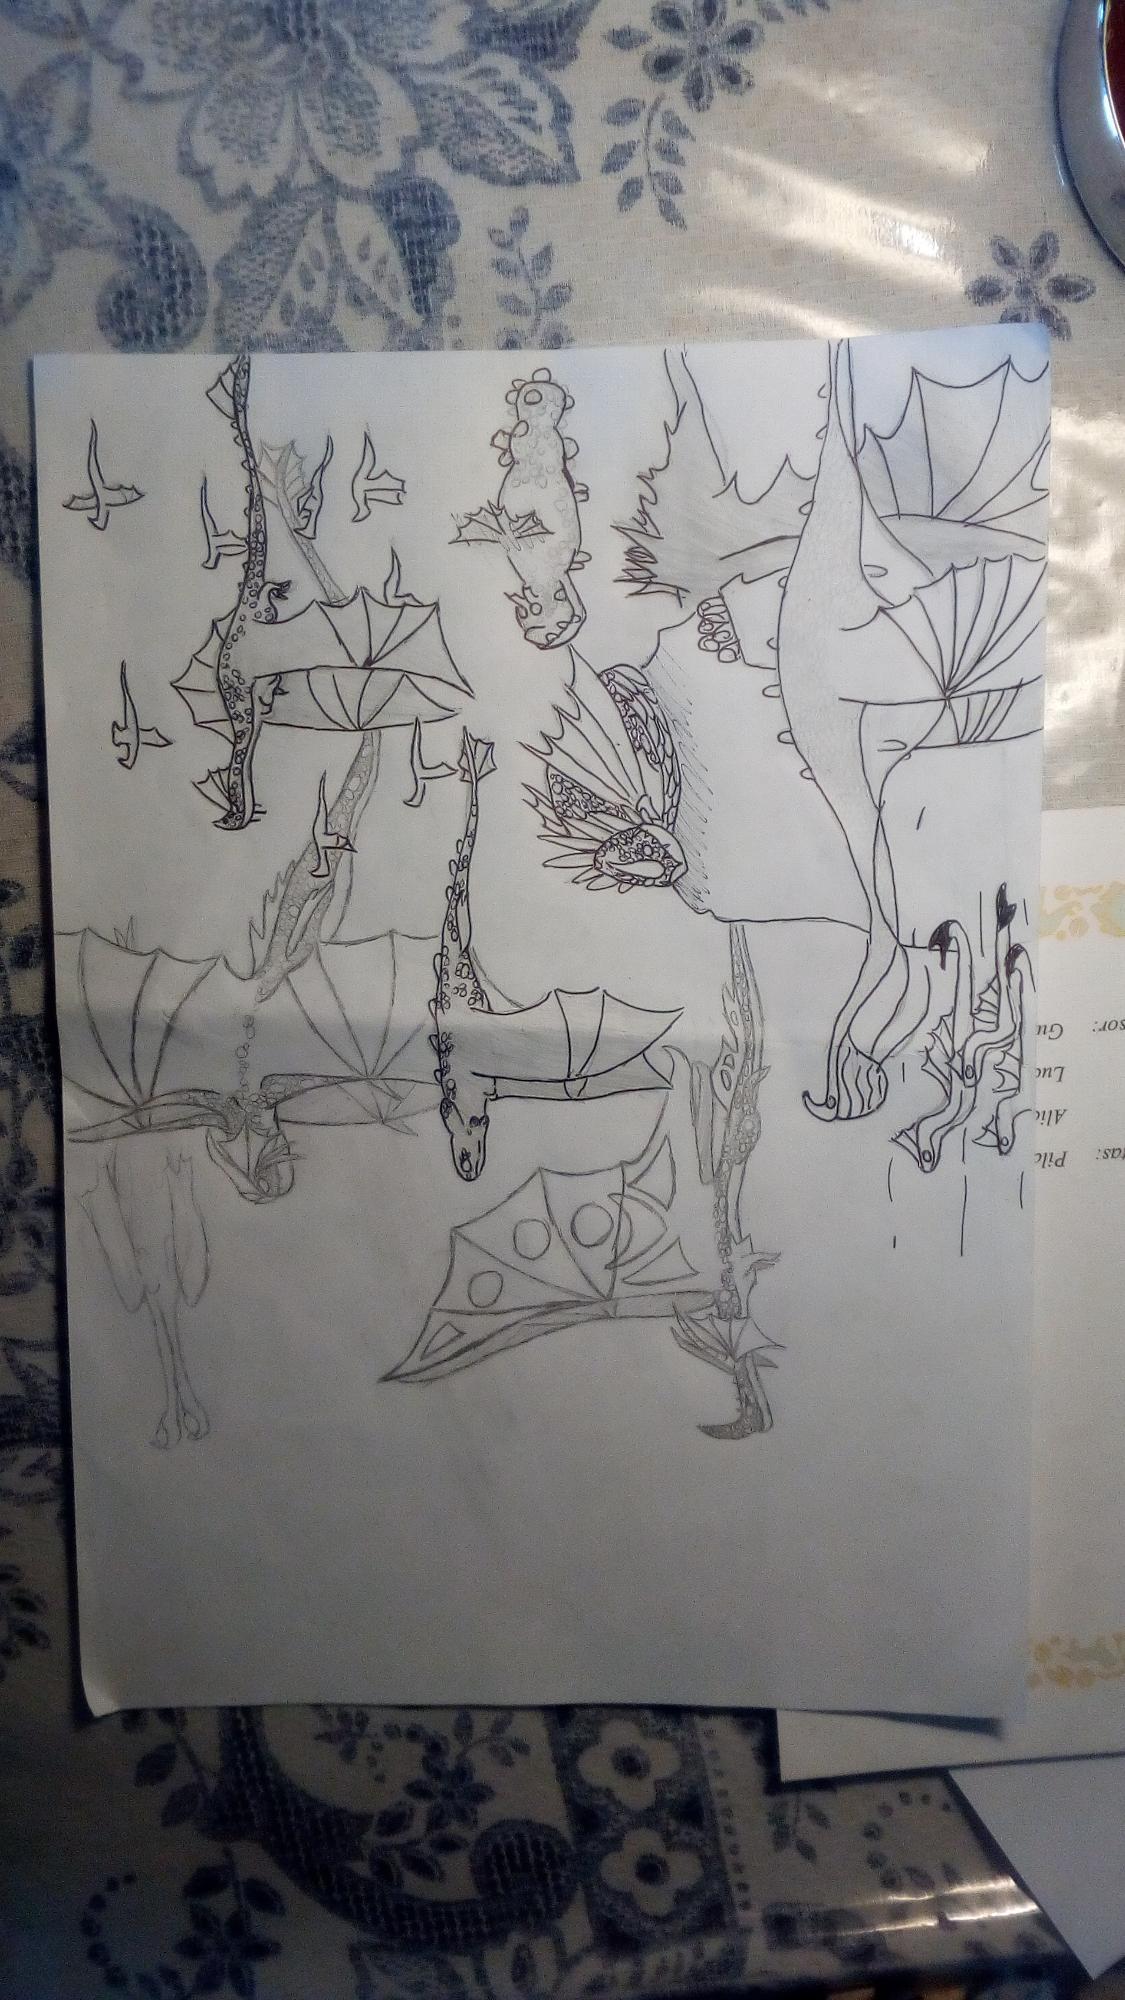 Miren el dibujo que estoy haciendo, a que no saben cuántos dragones hay jaja